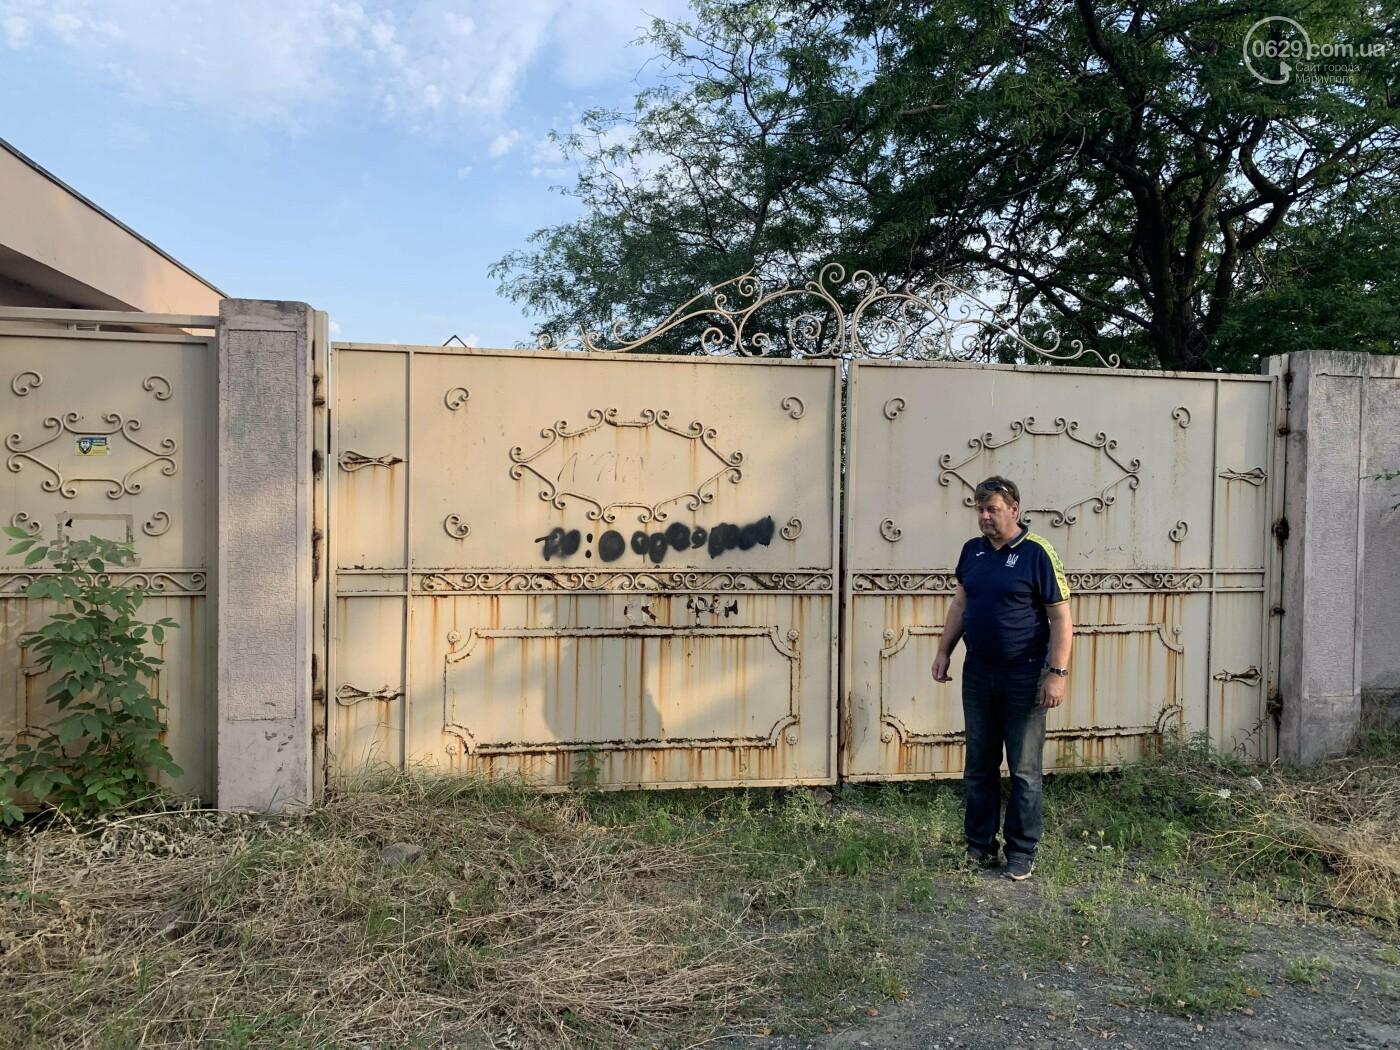 Активісти зрізали засув і відкрили ворота до моря з Приморського парку, - ФОТО, ВІДЕО, фото-1